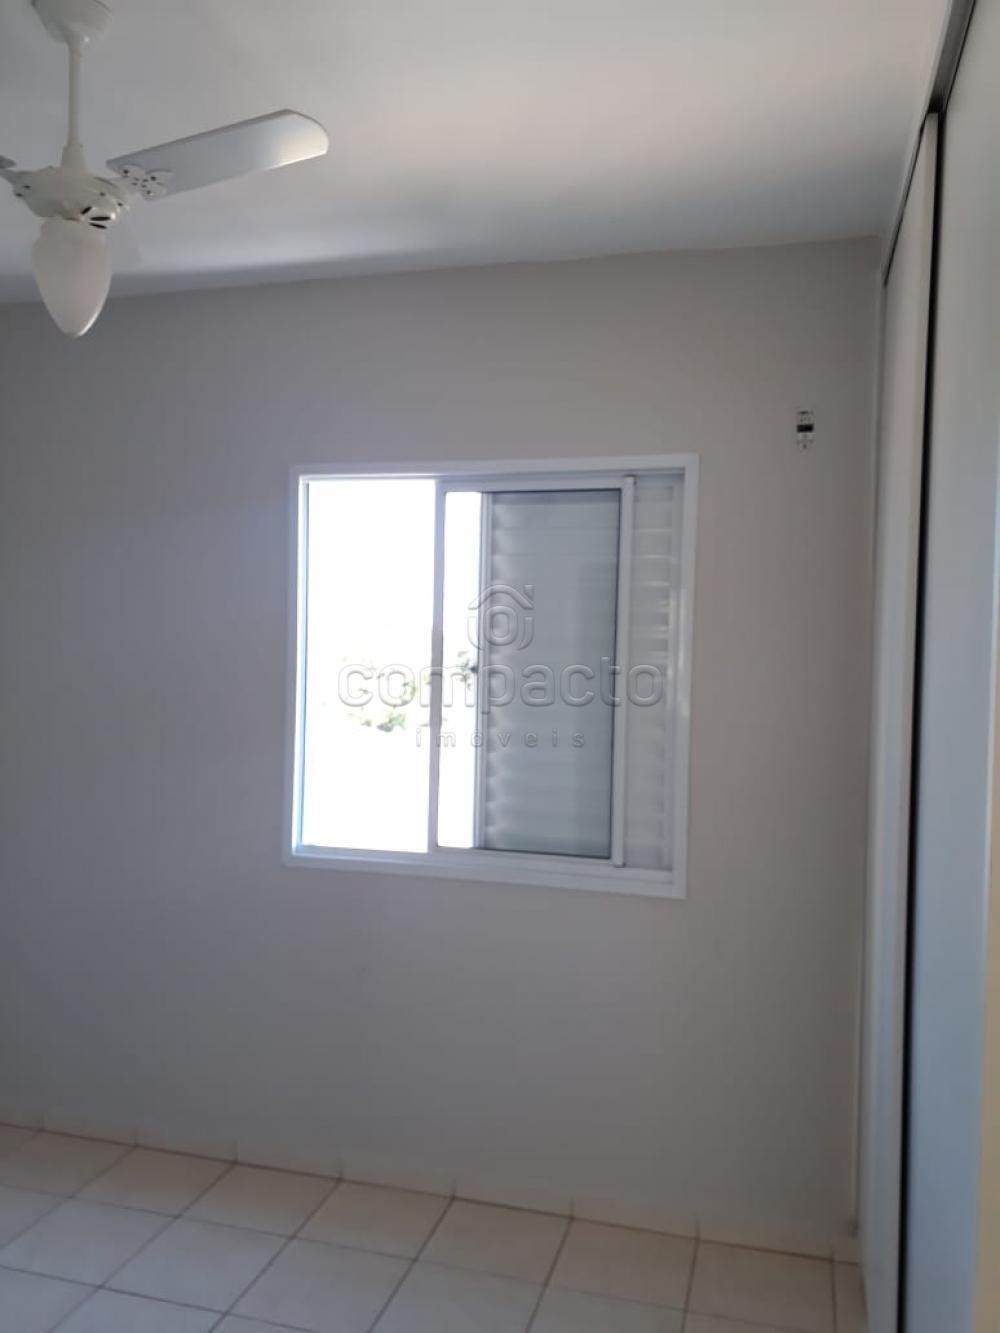 Alugar Apartamento / Padrão em São José do Rio Preto apenas R$ 1.400,00 - Foto 9